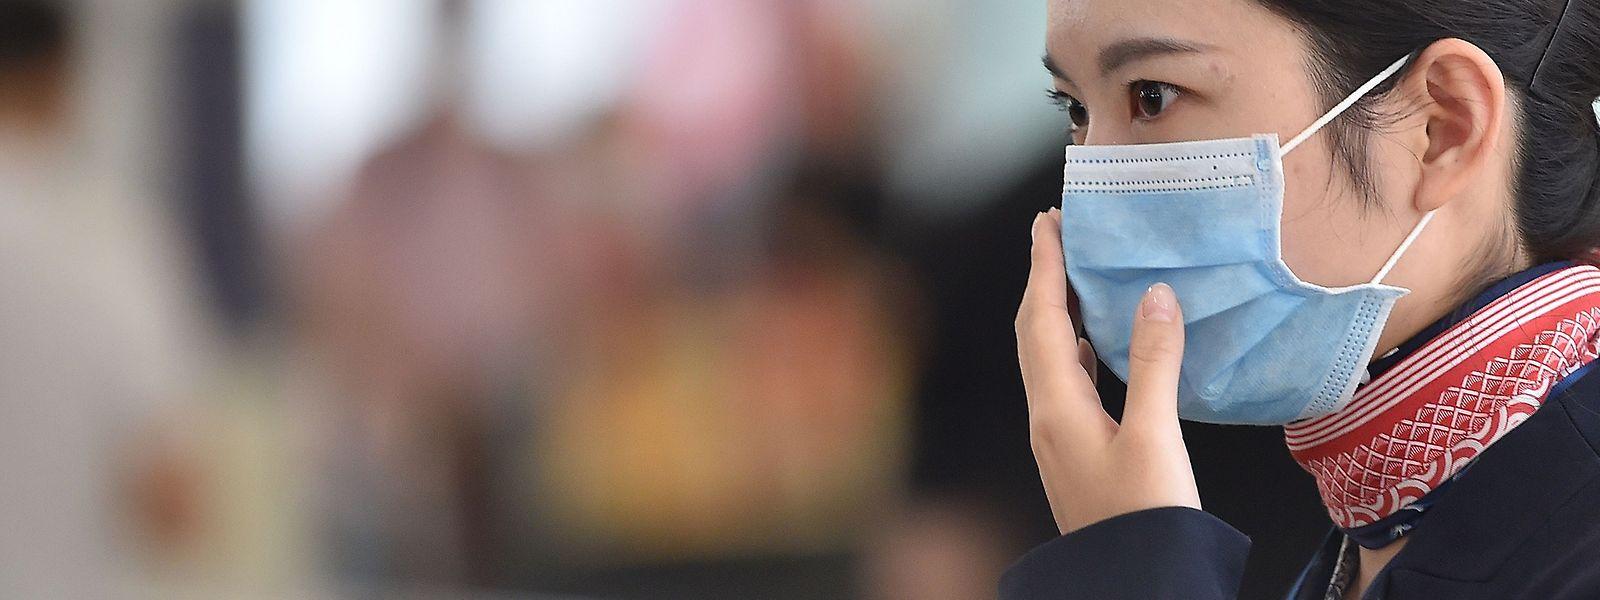 In Wuhan ist das Tragen von Masken an vielen Orten vorgeschrieben.